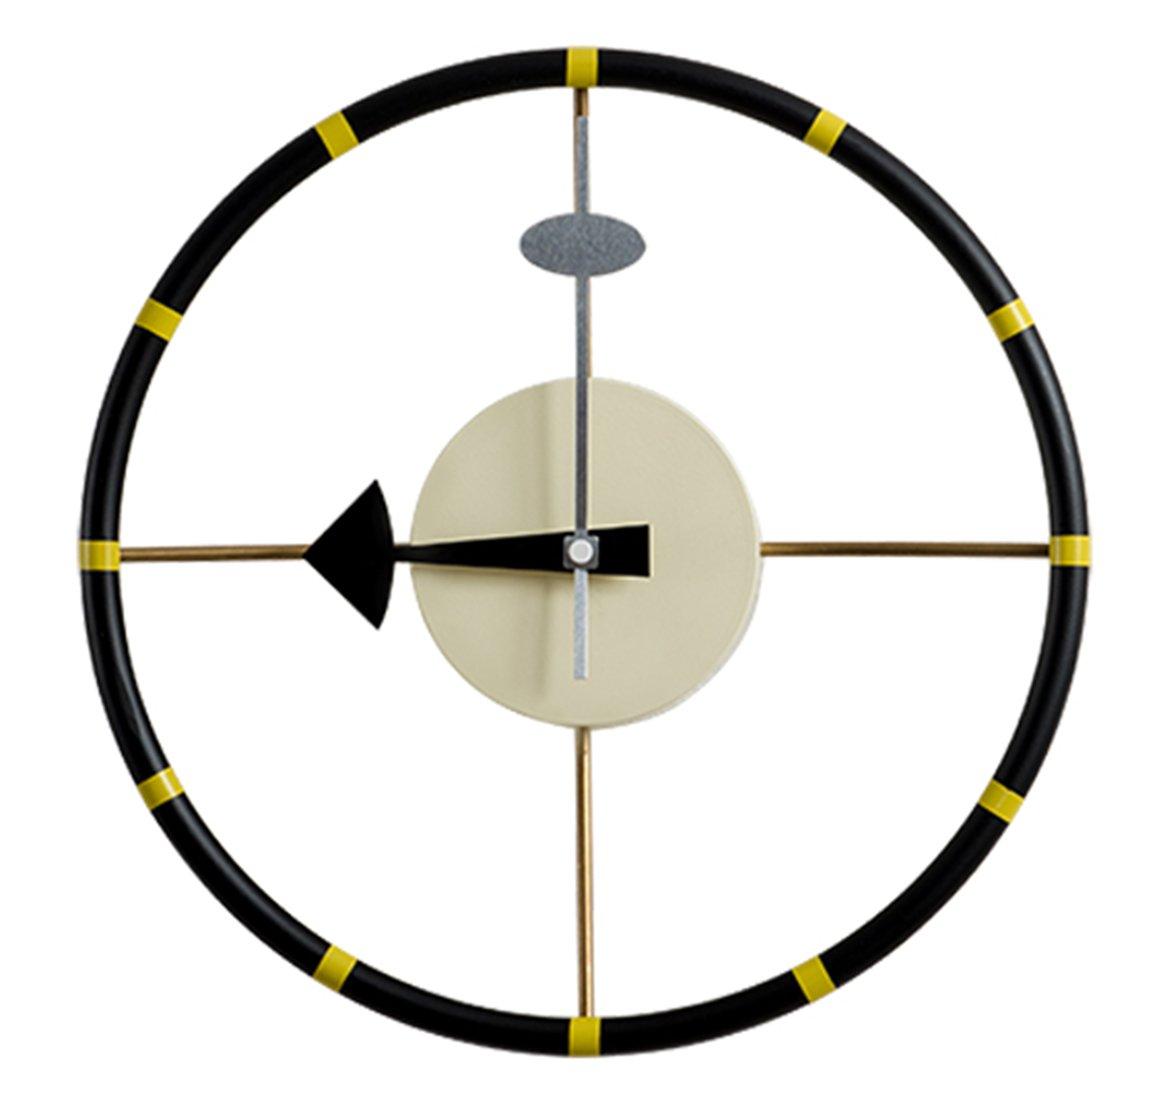 ステアリングホイールクロック ジョージ ネルソン デザイナー壁時計 B078H6BGZ1 ステアリングホイールクロック ステアリングホイールクロック